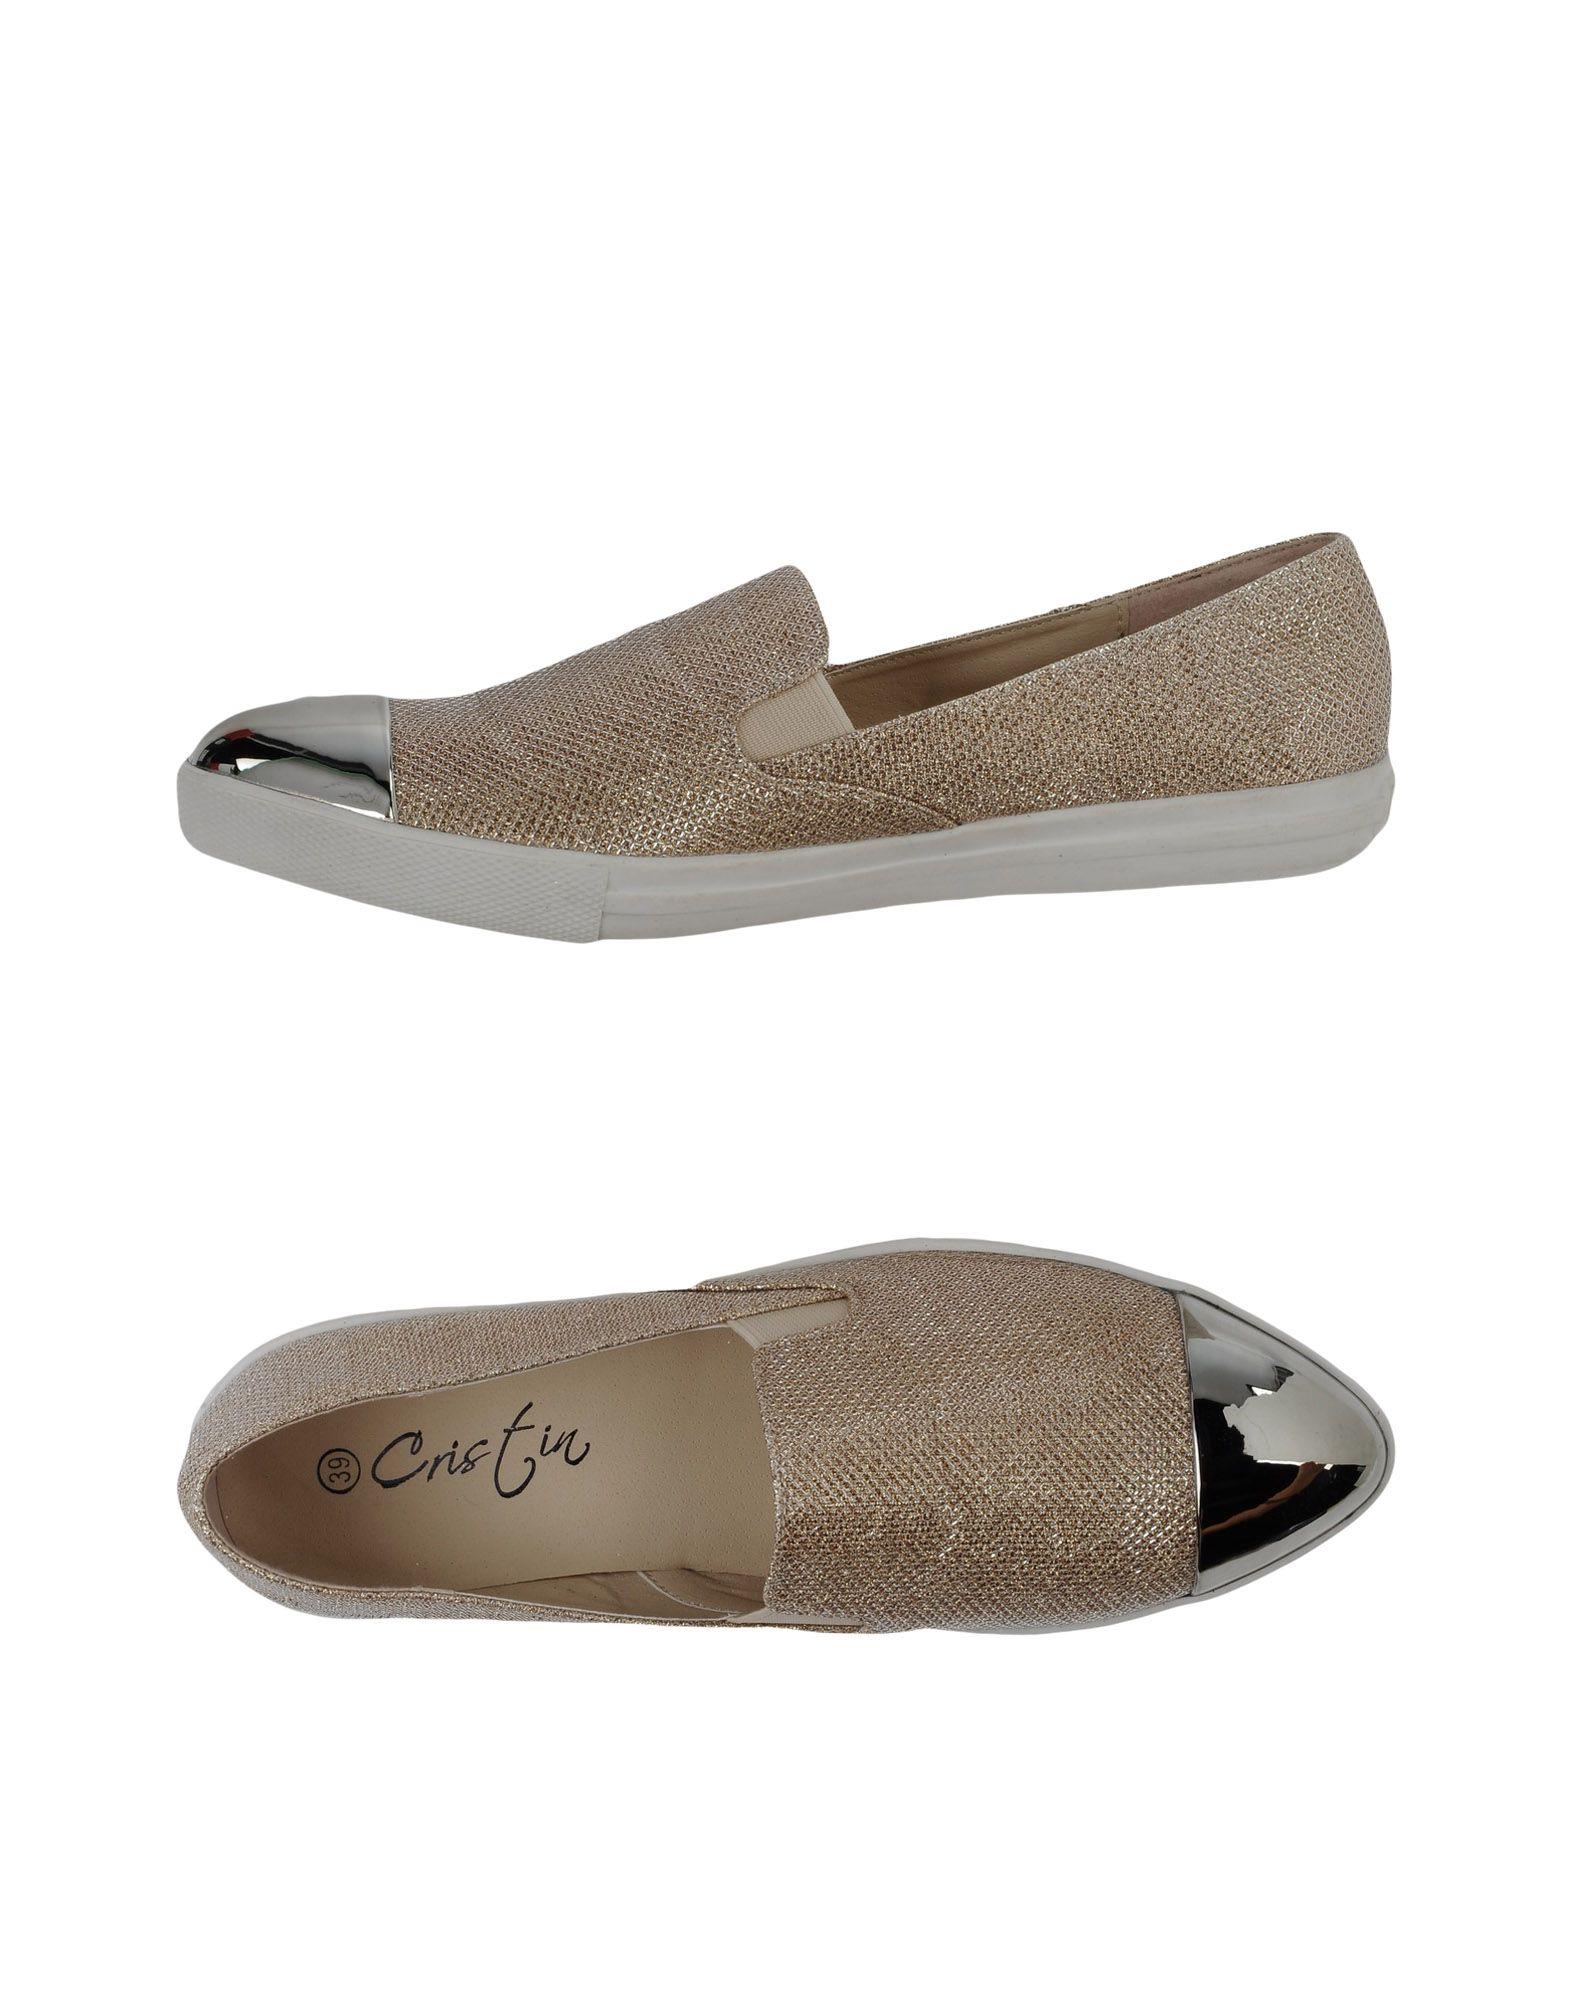 Sneakers Cristin Donna - Acquista online su